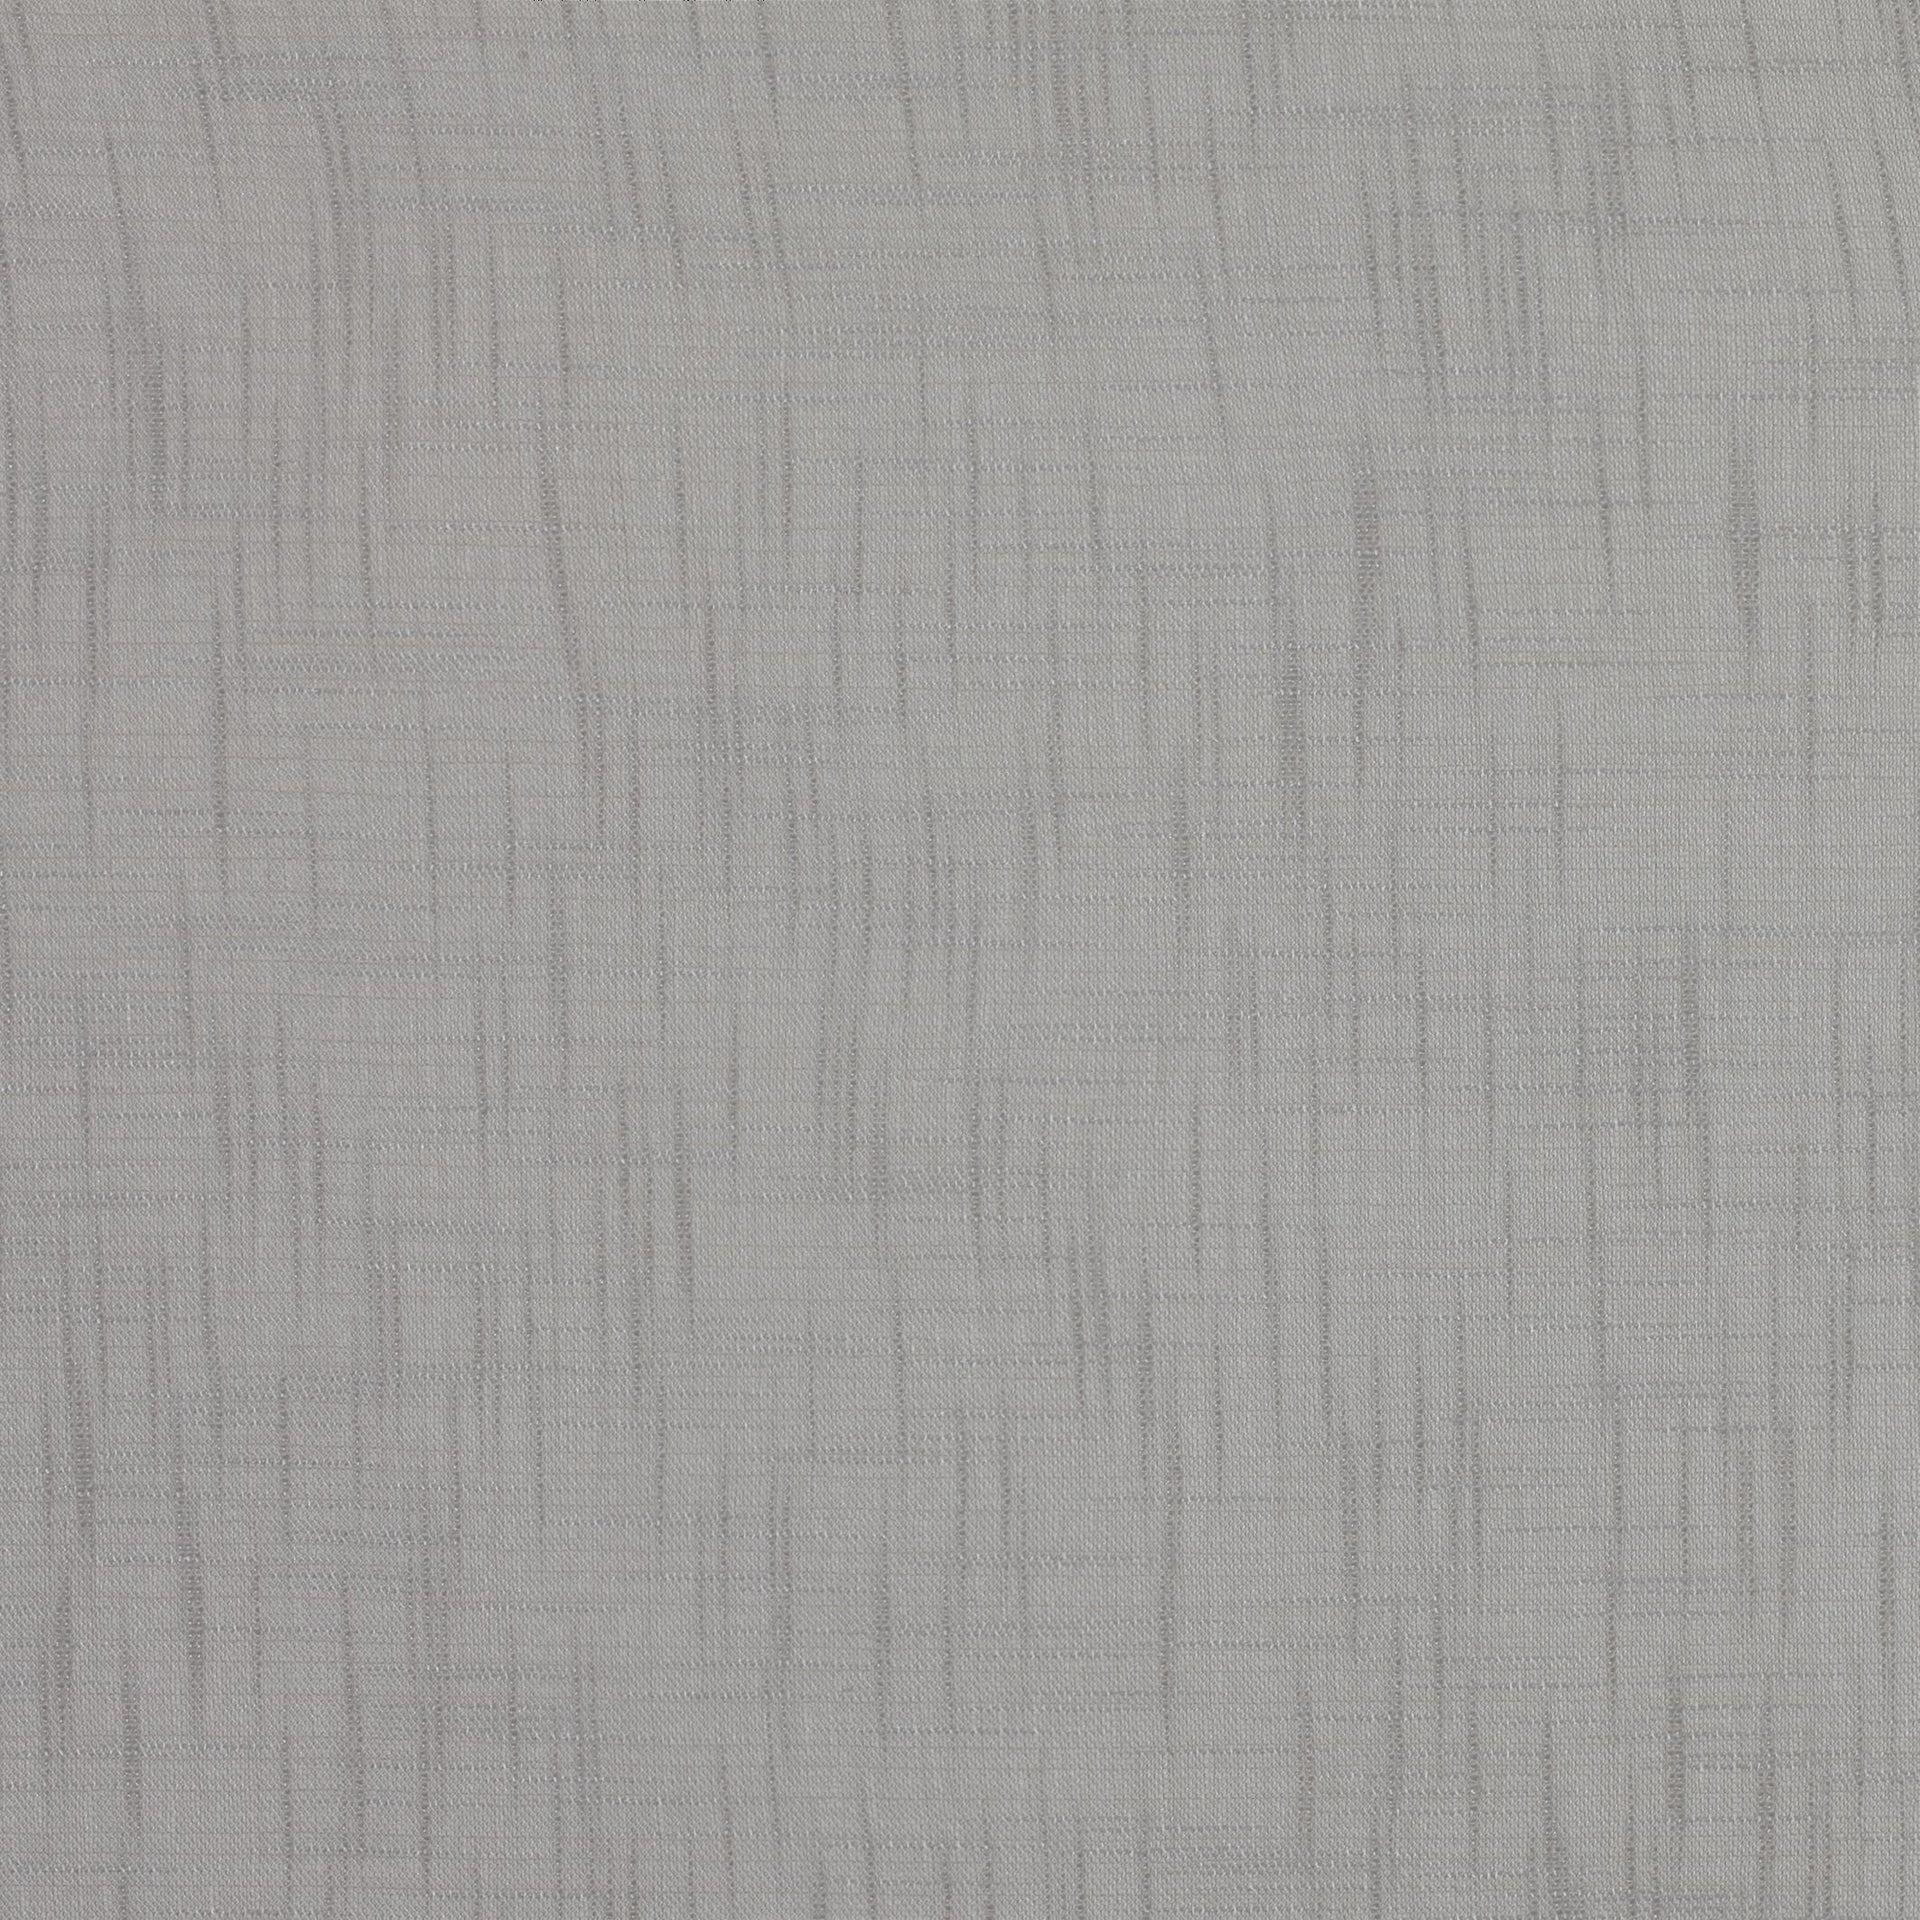 Tenda Infini grigio occhielli 140 x 280 cm - 5